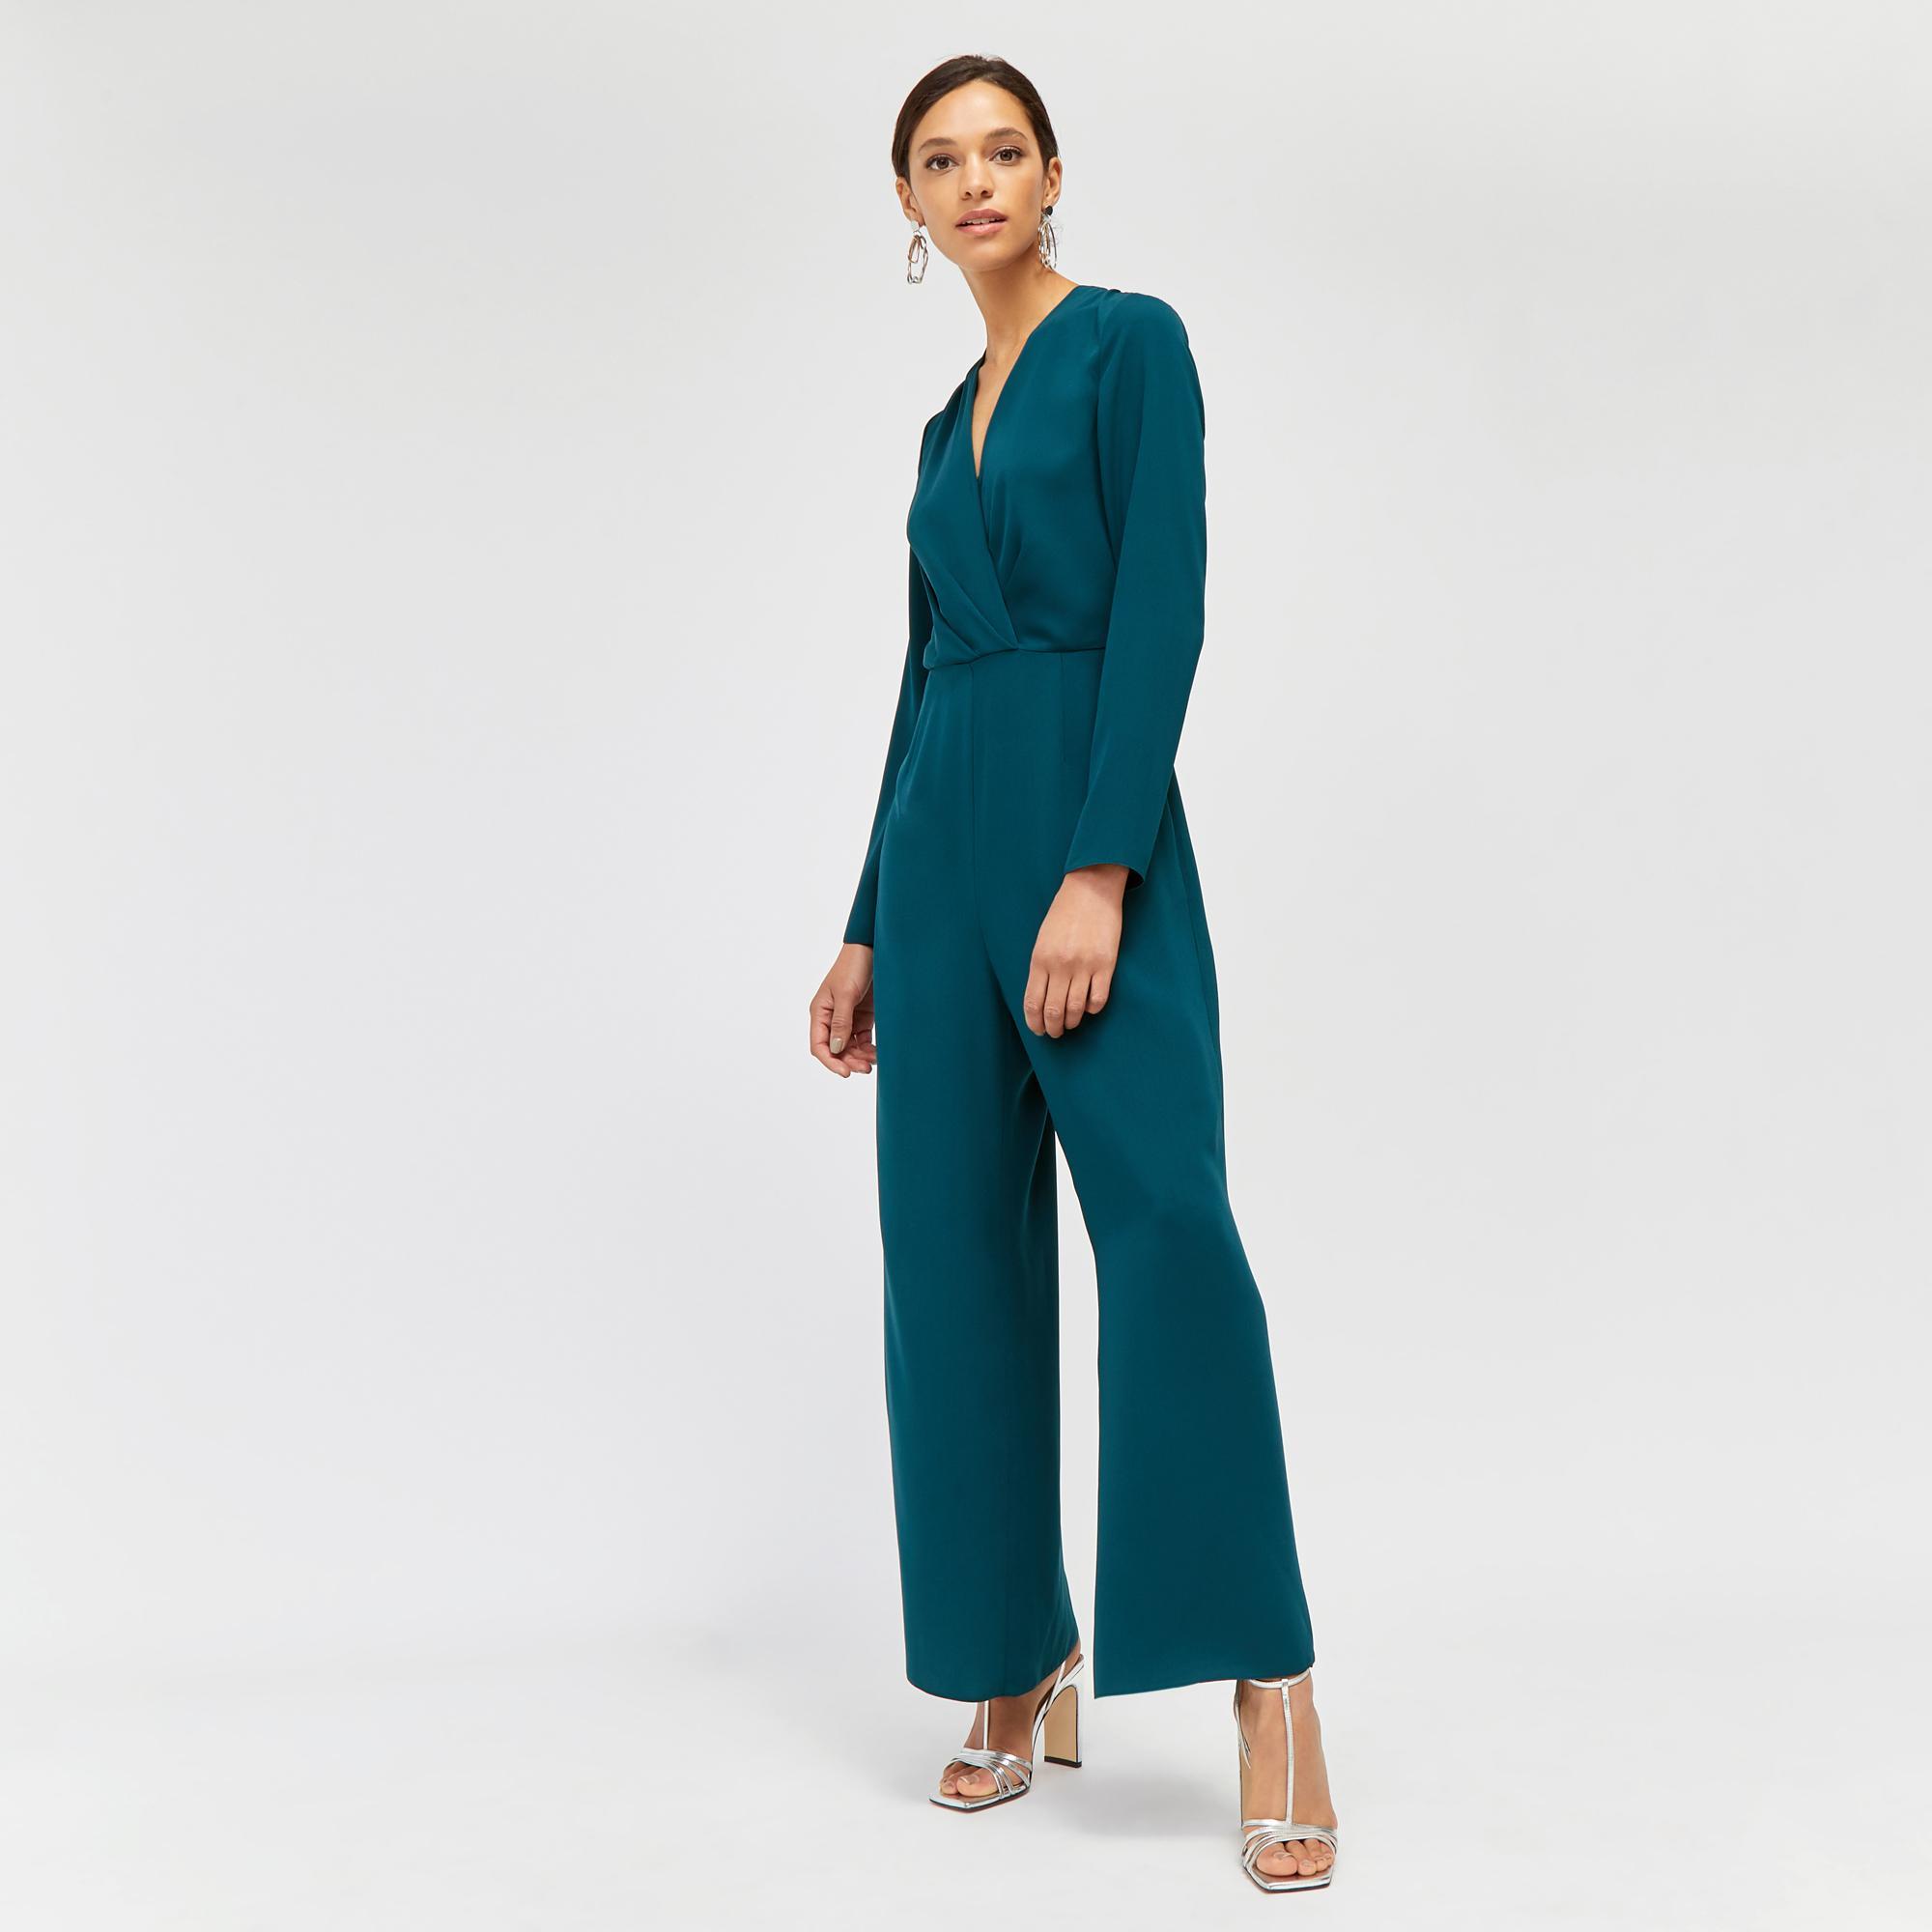 8a654ee390c3 Warehouse Pleat Wrap Wide Leg Jumpsuit in Green - Lyst